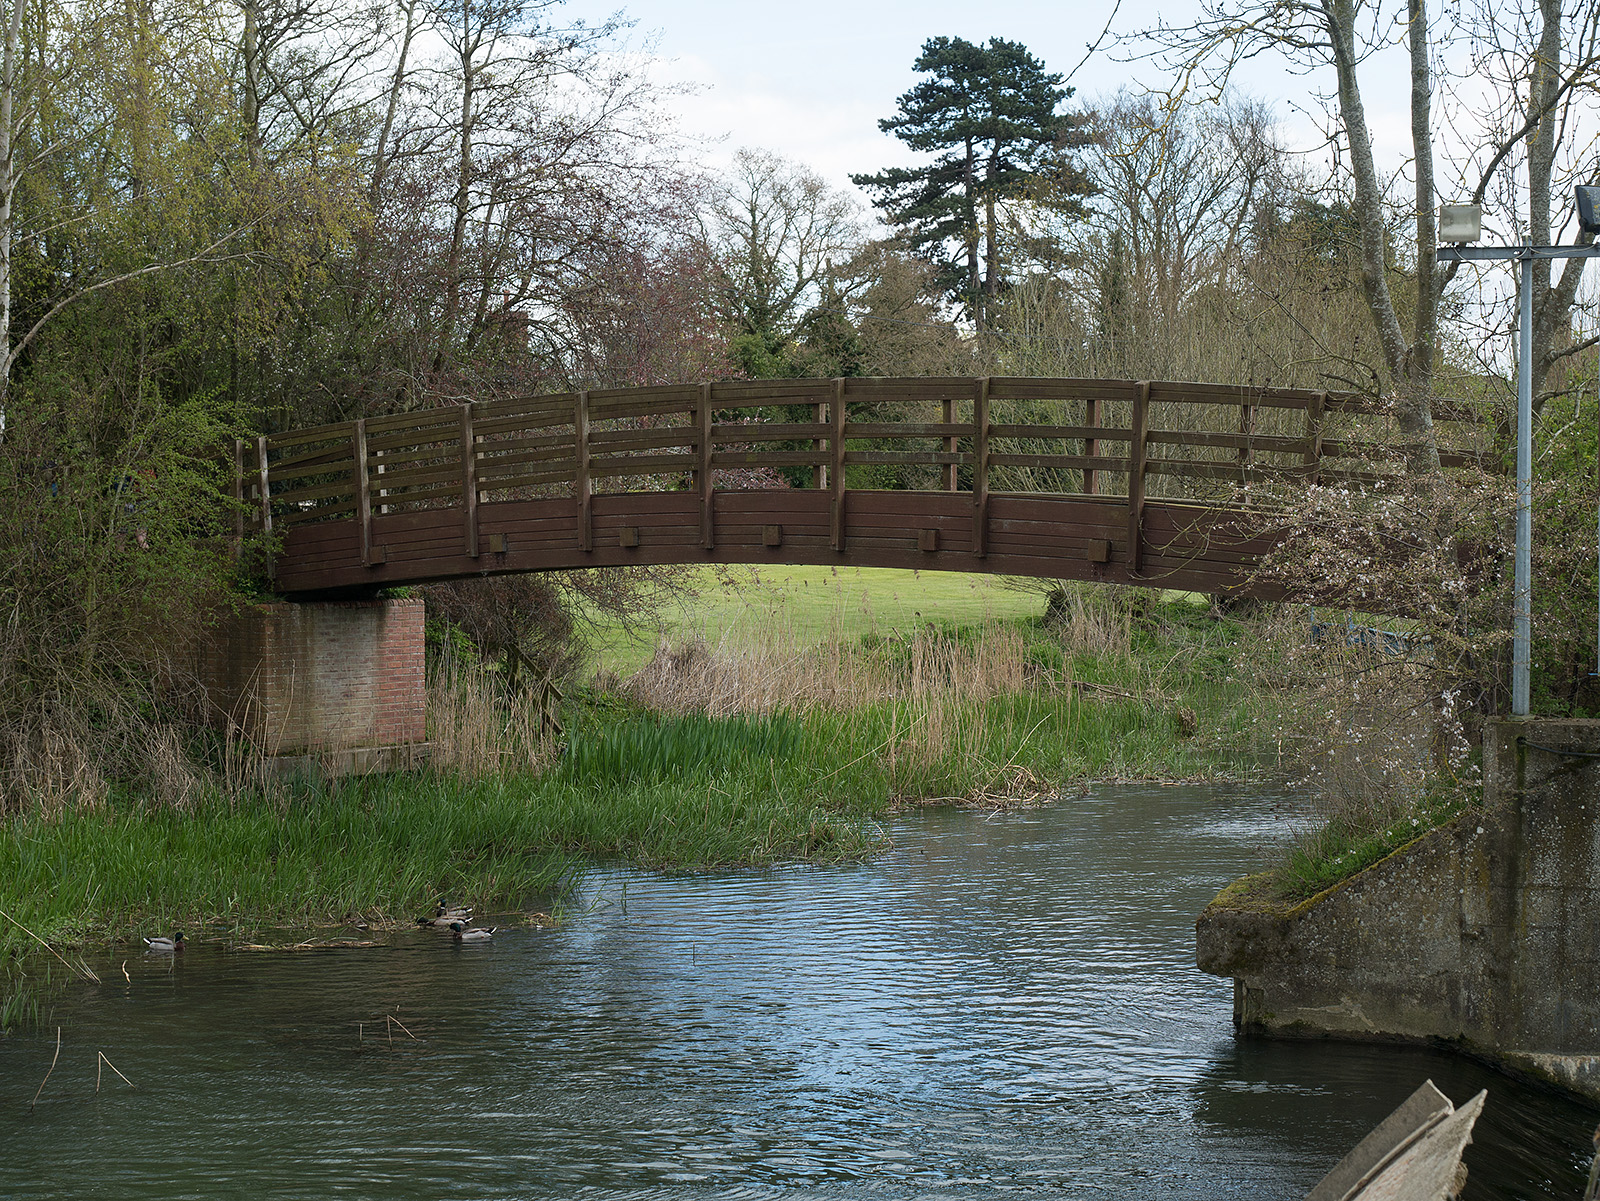 The path then crosses a wooden bridge.